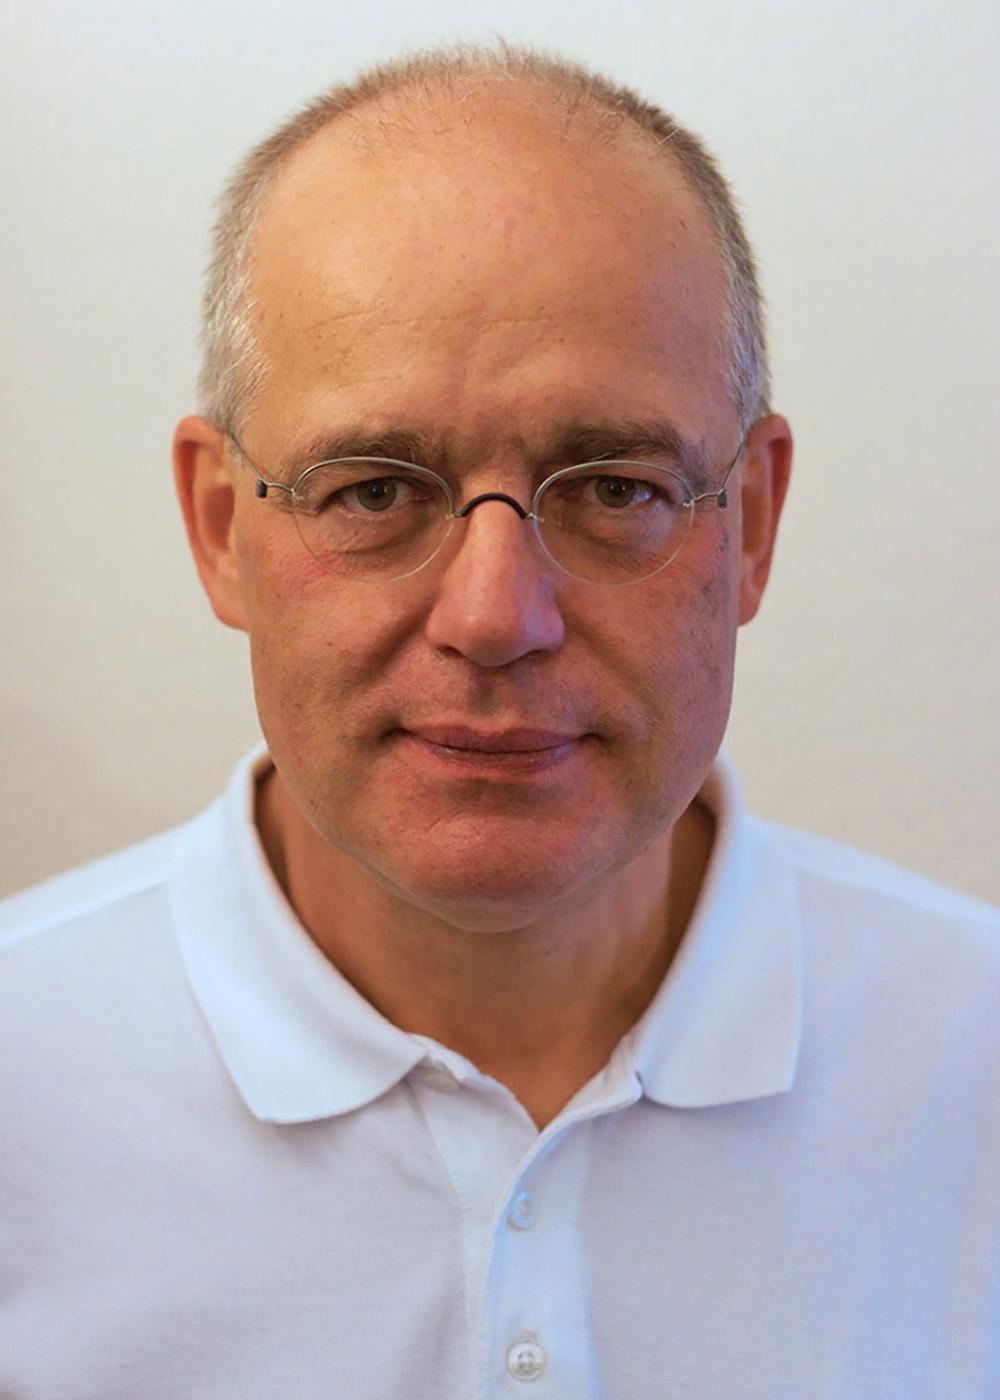 Home Dr Beckers Orthopadische Unfallchirurgische Praxisklinik